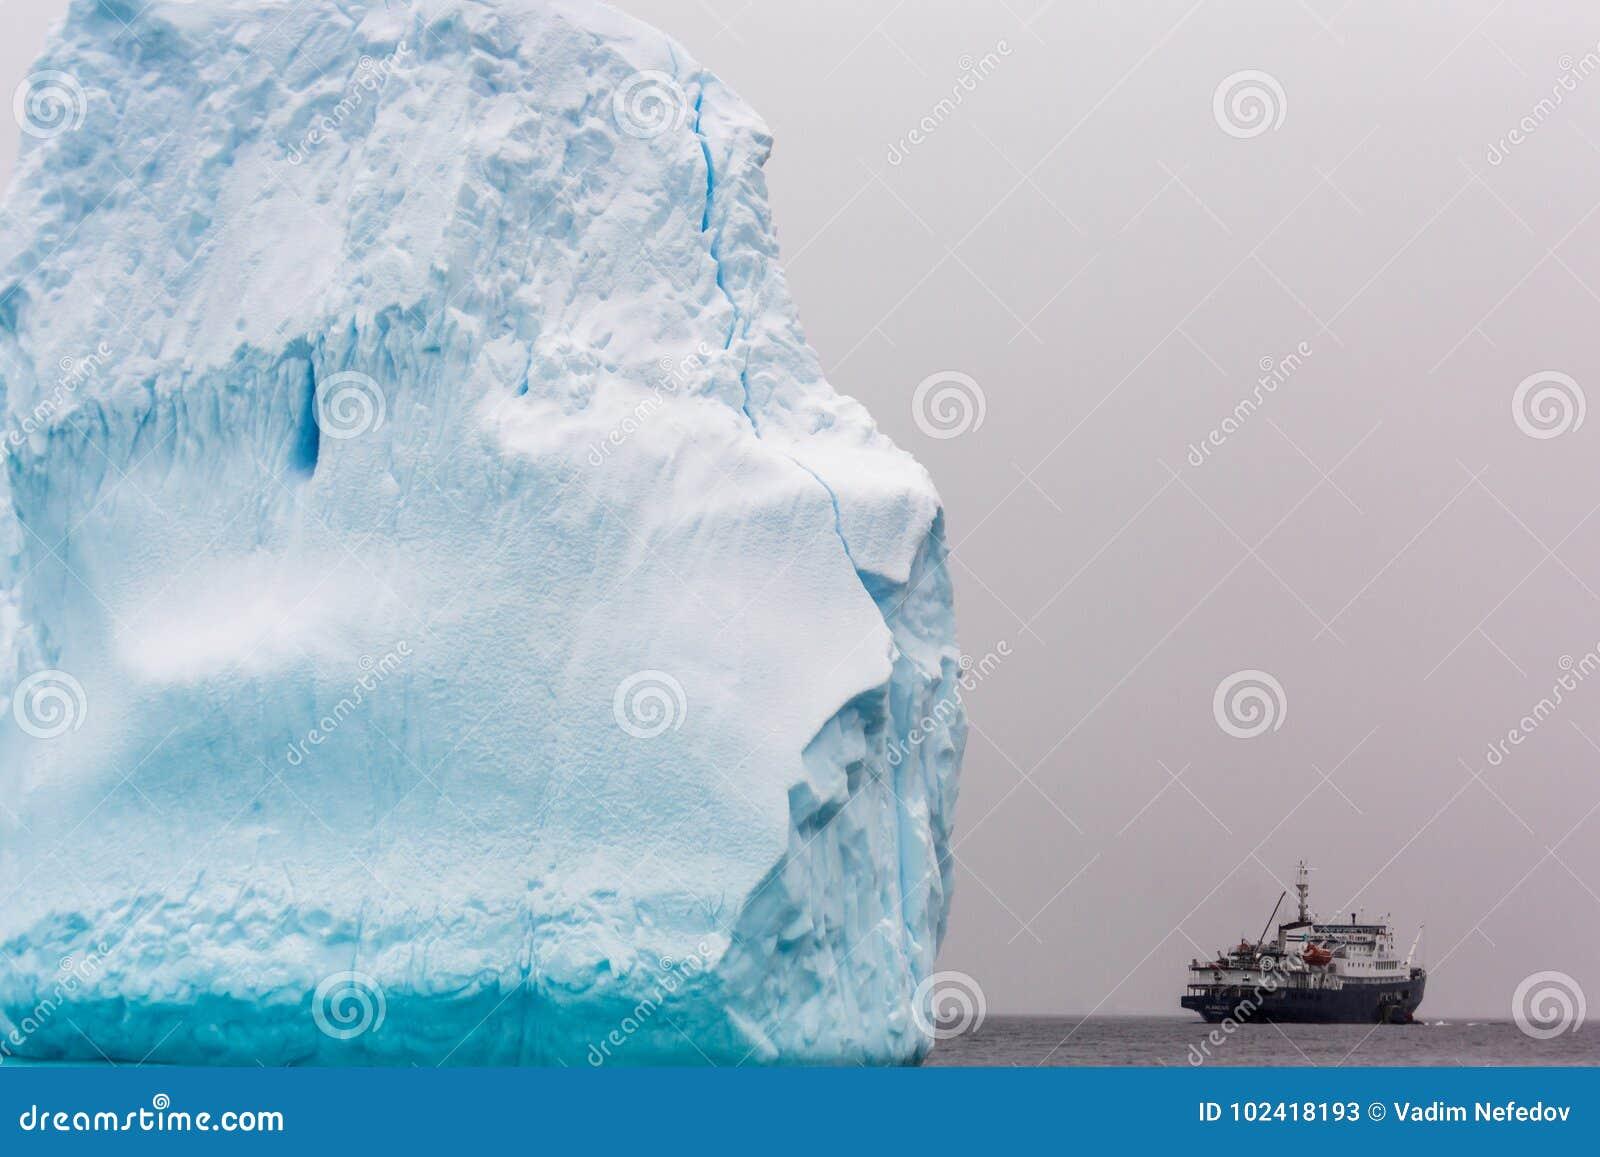 Sehr groß Stück des Eisbergs mit antarktischem Kreuzschiff am Horizont,